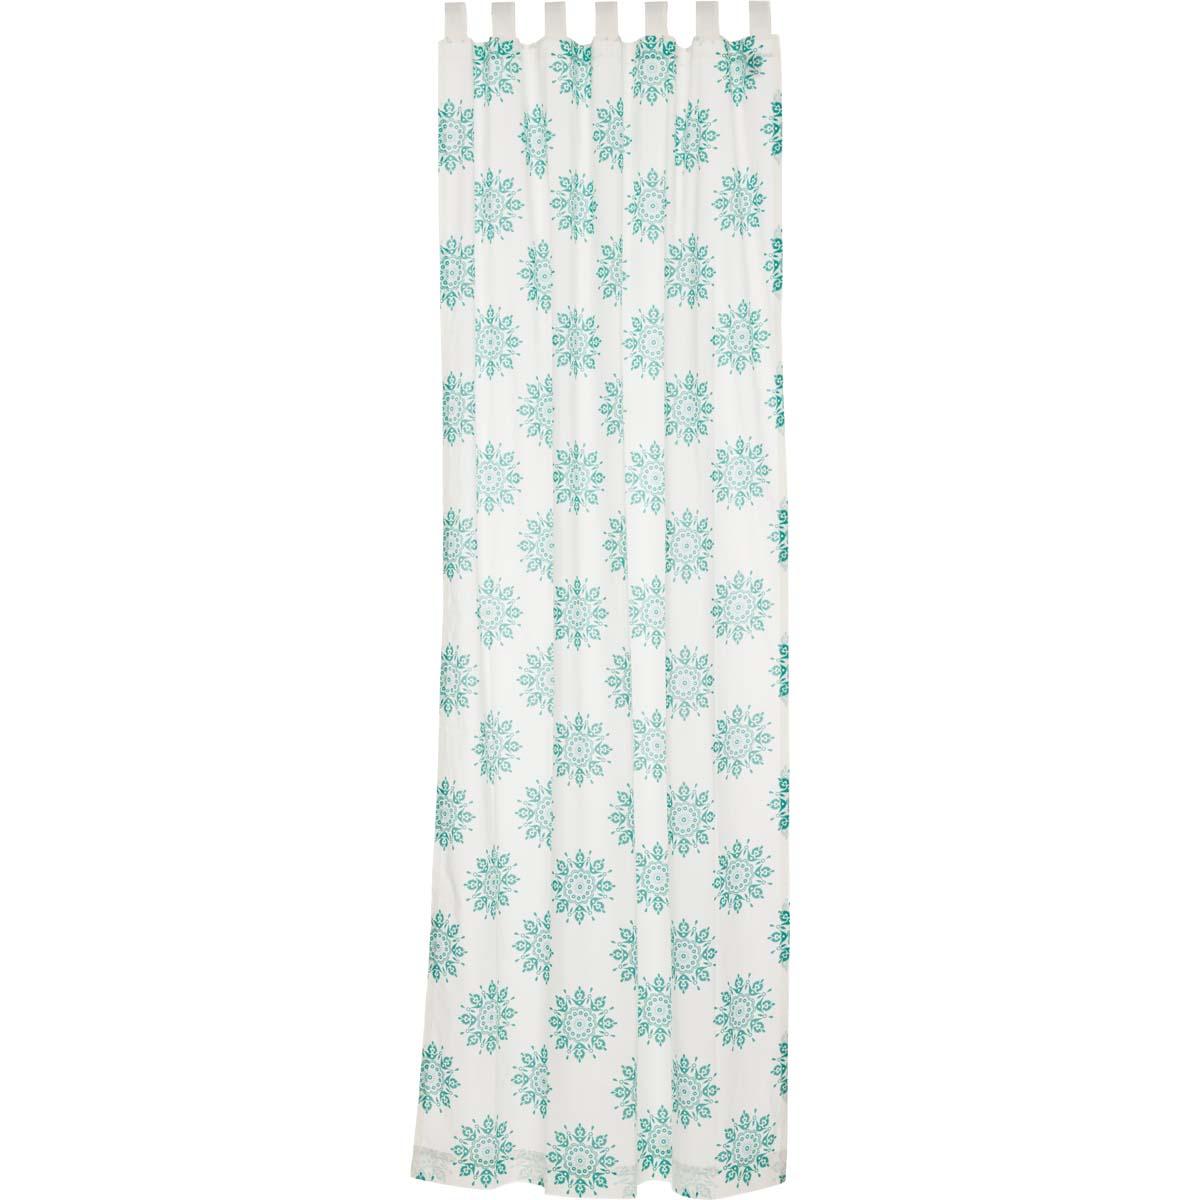 Mariposa Turquoise Panel 108x50